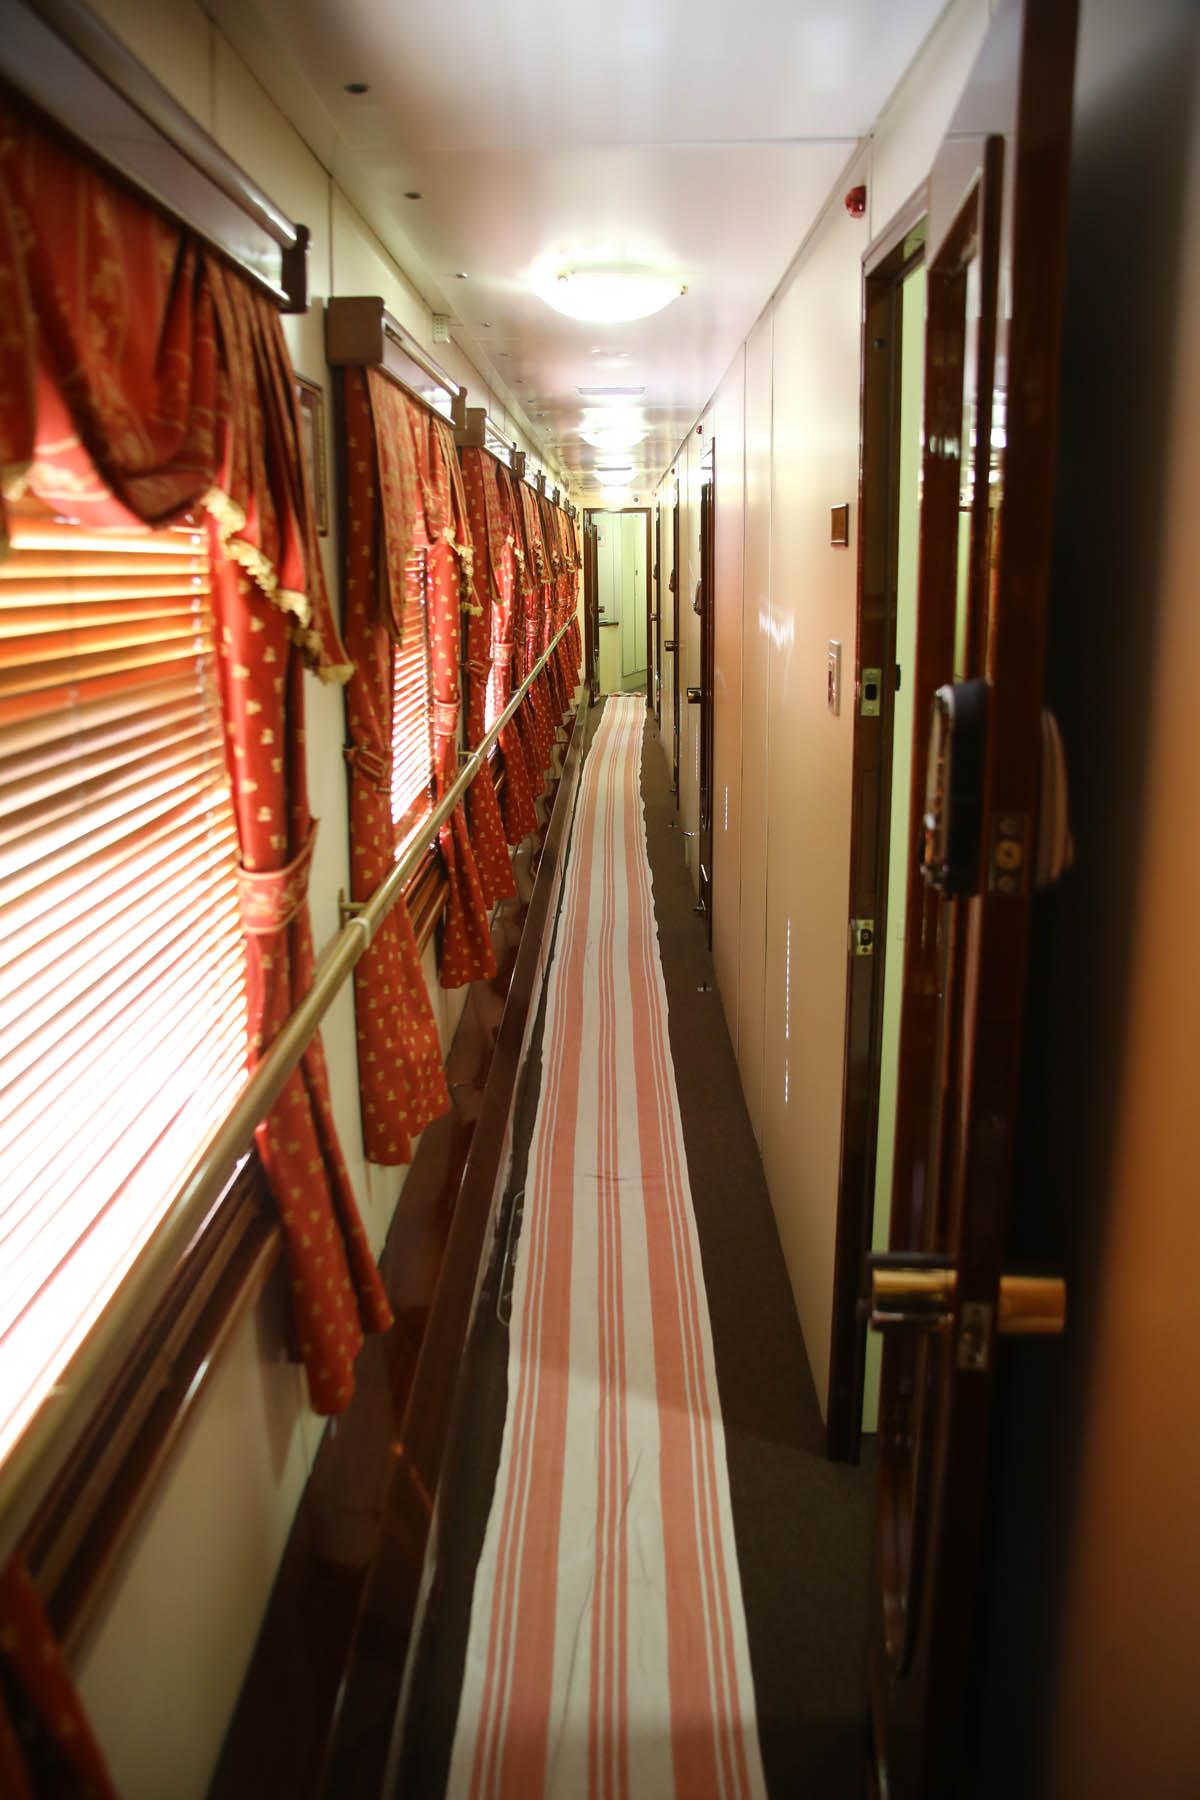 Гранд Экспресс: первый частный поезд в России - 53